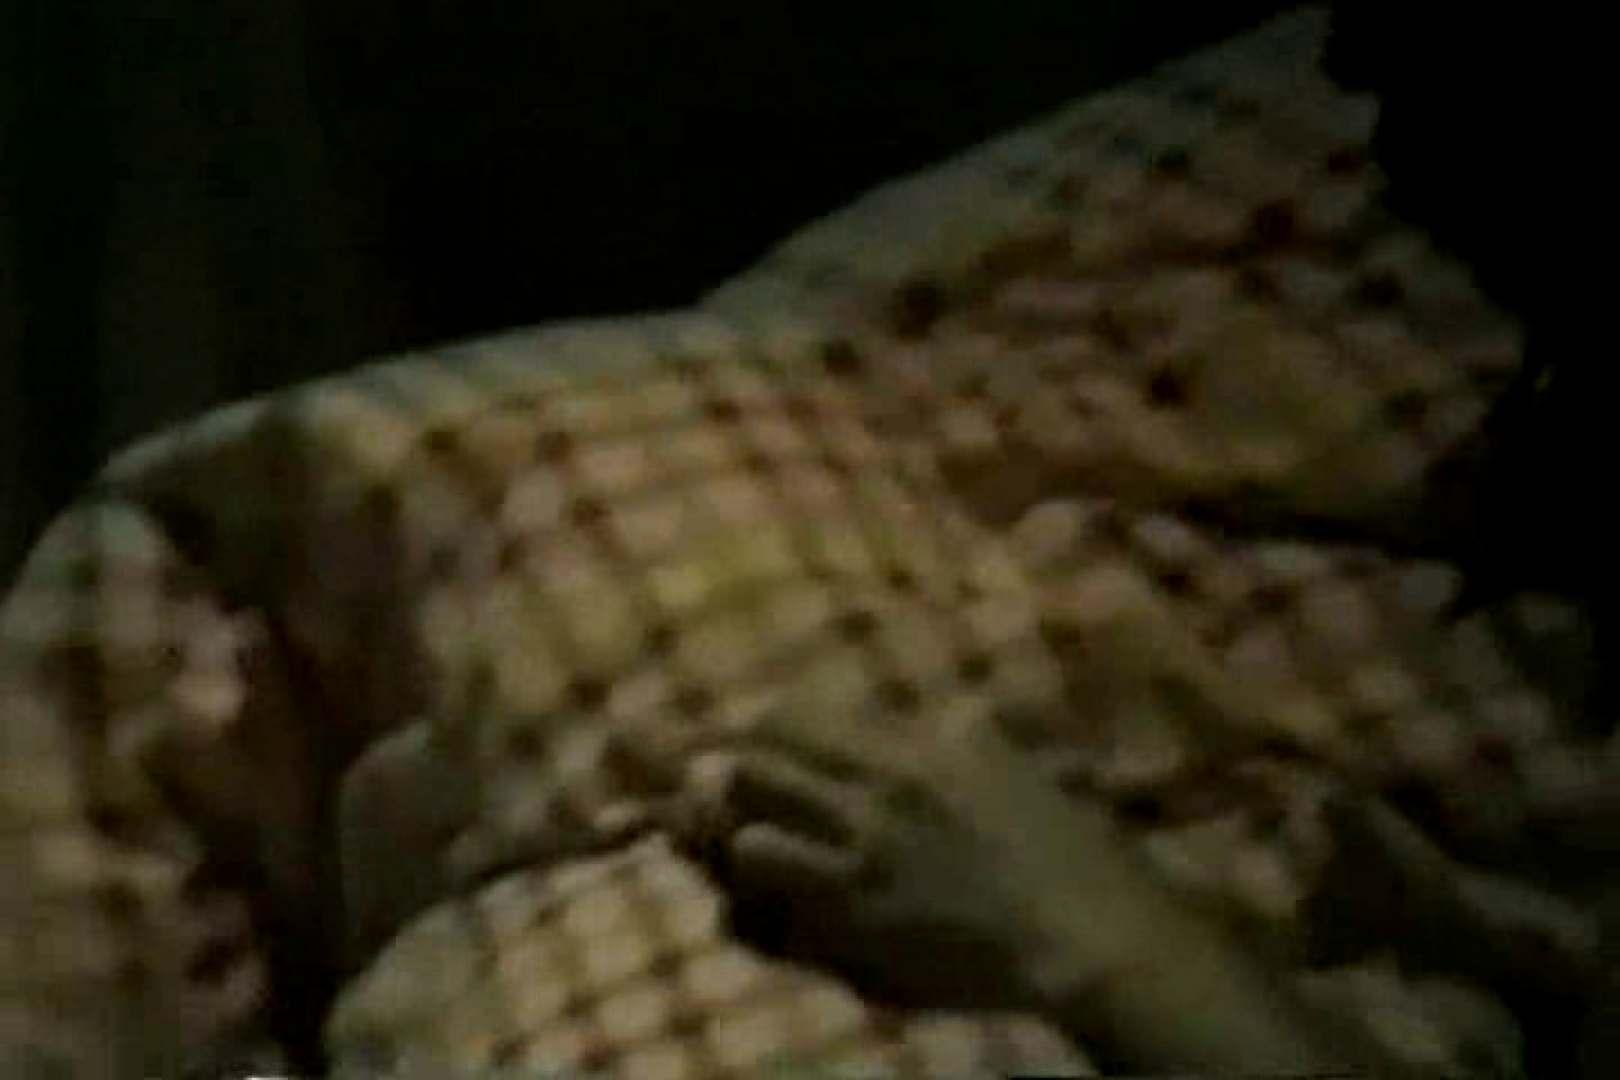 深夜の撮影会Vol.6 オナニー 盗撮画像 94連発 28